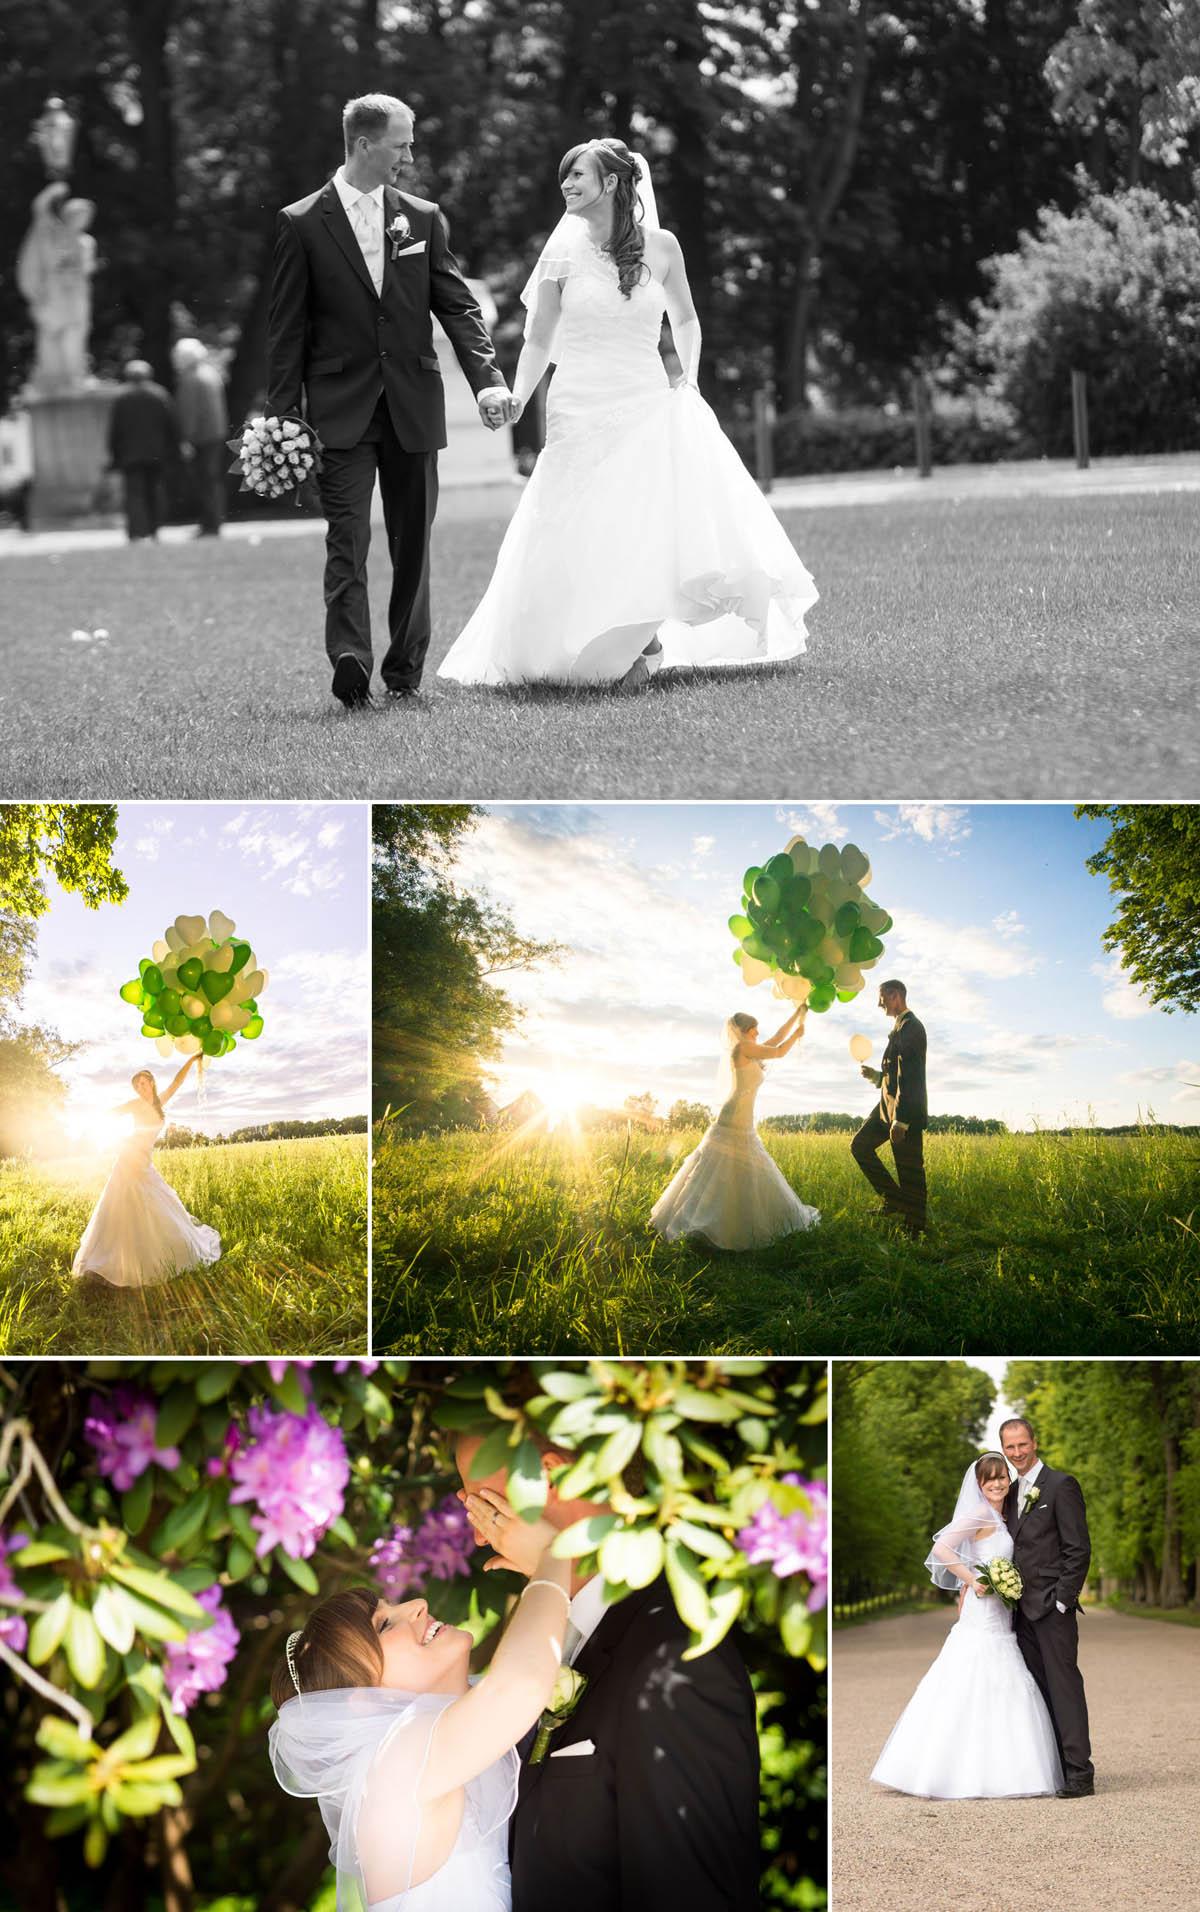 Hochzeitsfotografie Matthias Friel - 2012 - Janine & Stefan in L